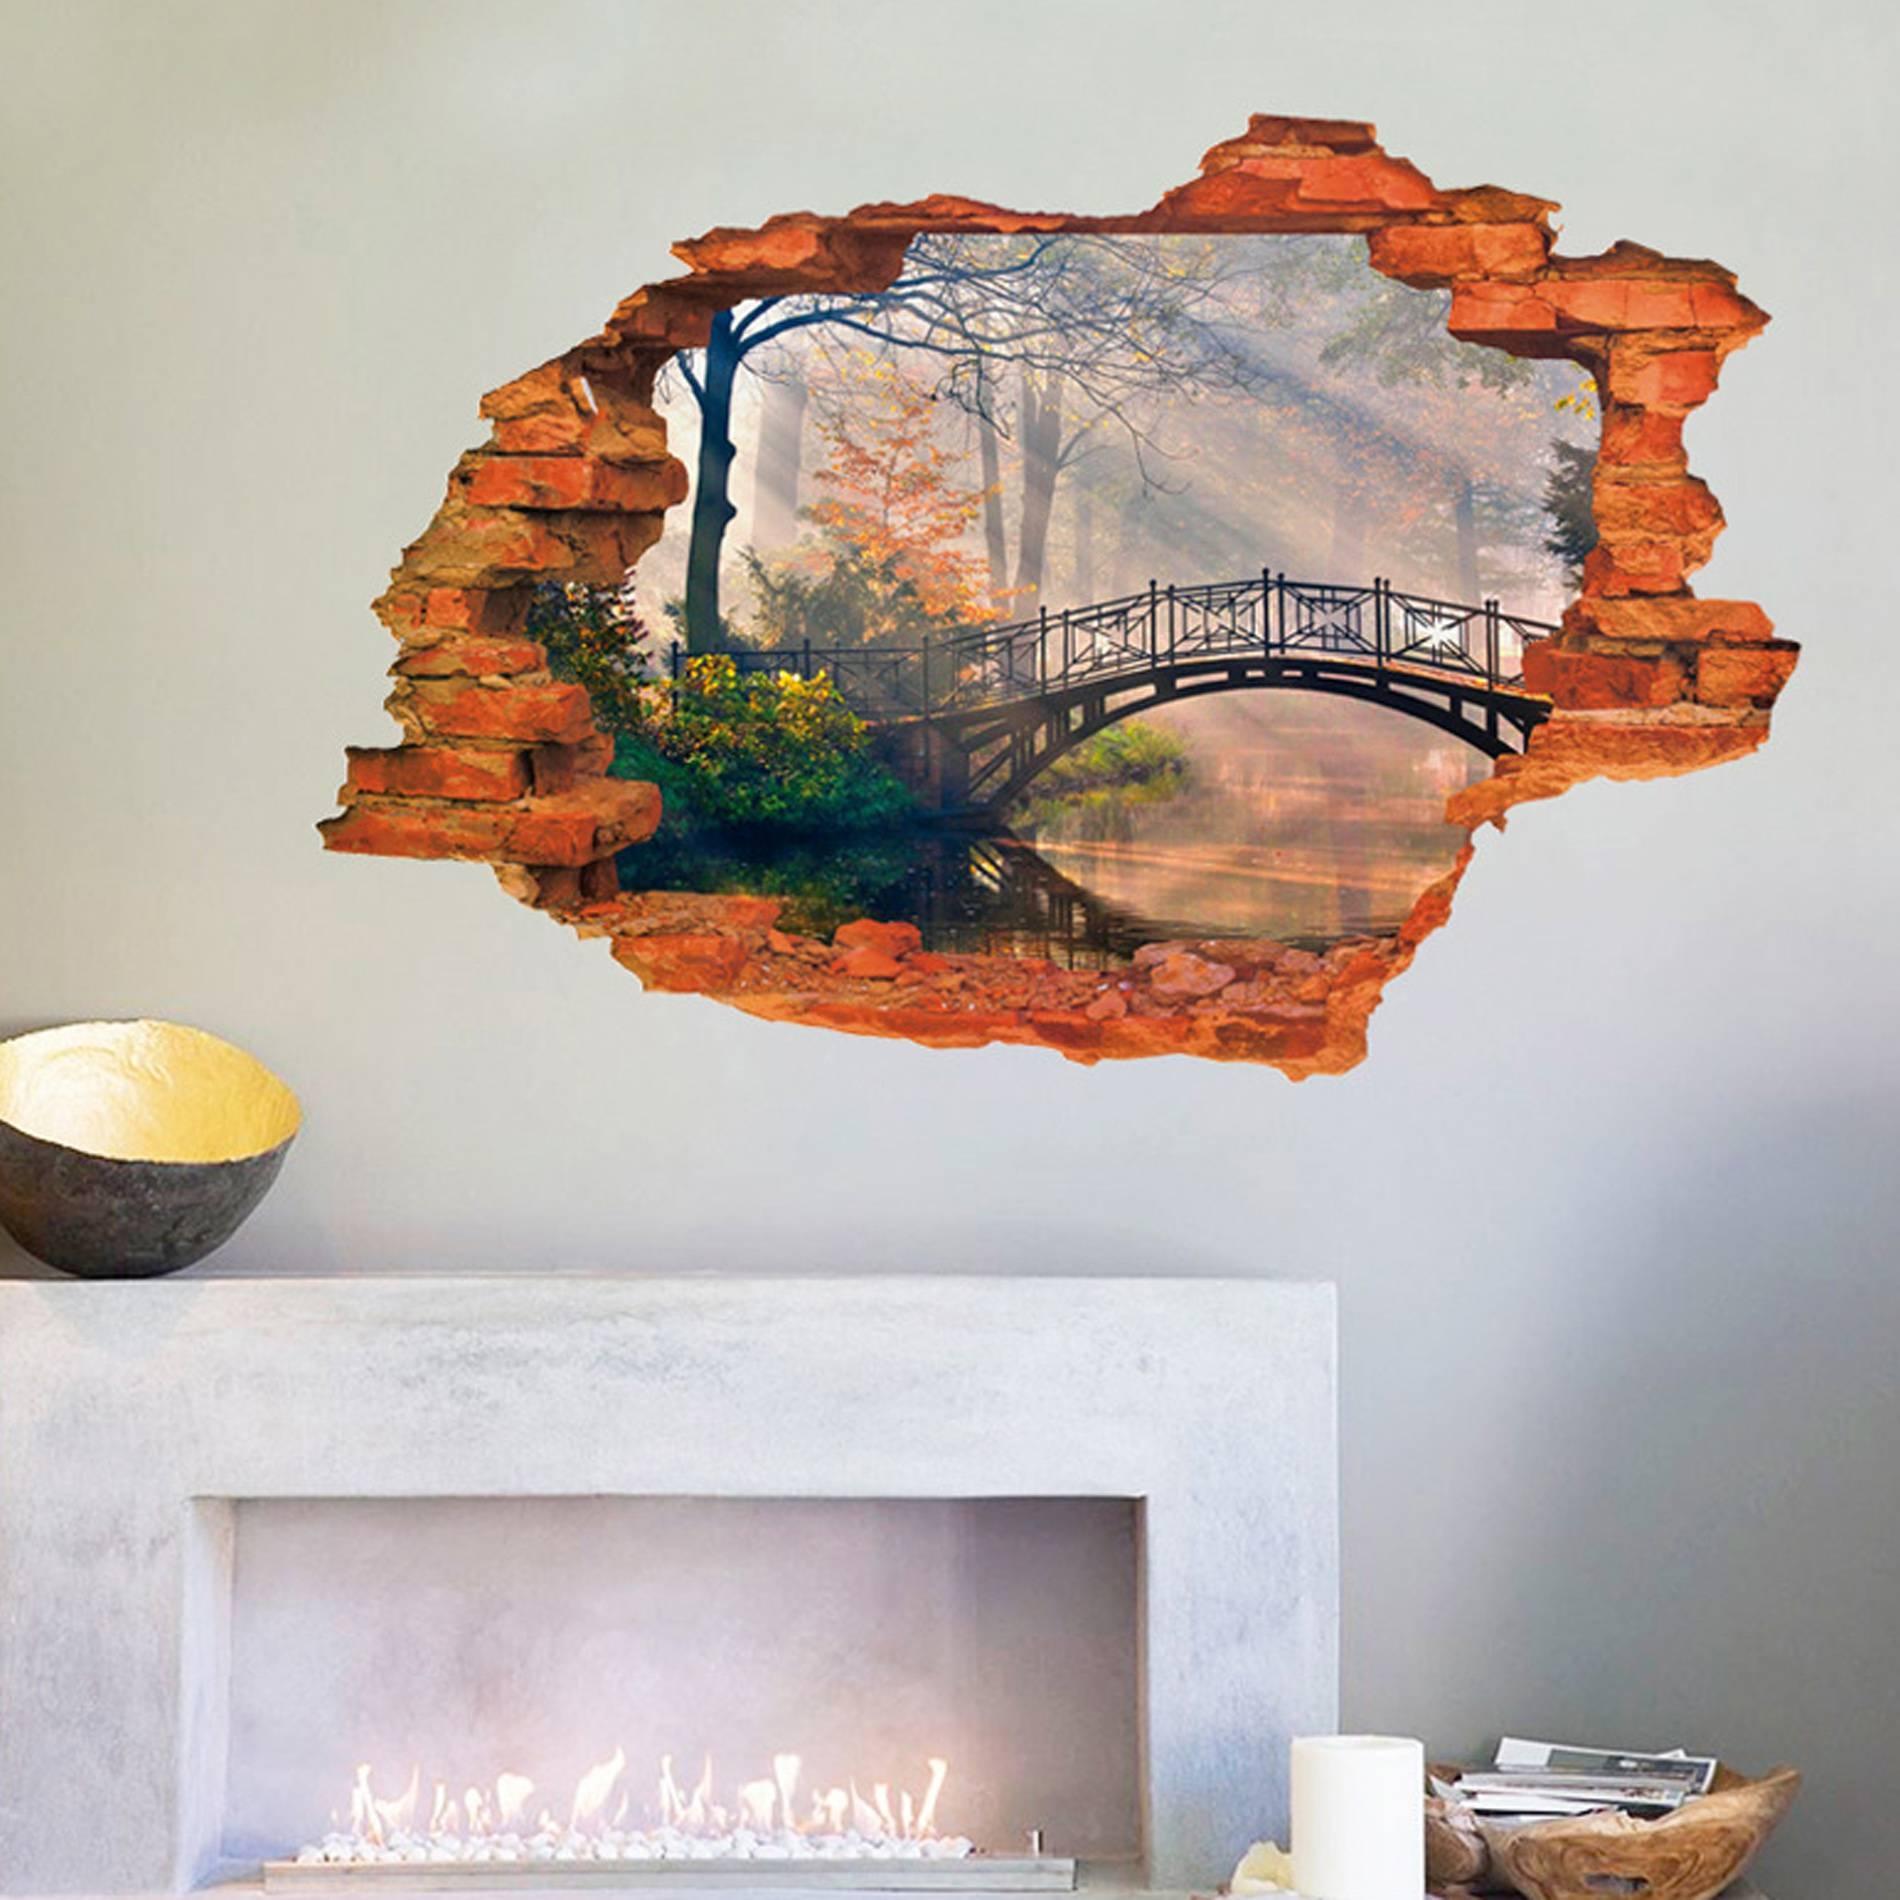 Removable 3D Broken Wall Stickers Art Vinyl Mural Home Decor + Key Regarding Most Recent Vinyl 3D Wall Art (Gallery 4 of 20)